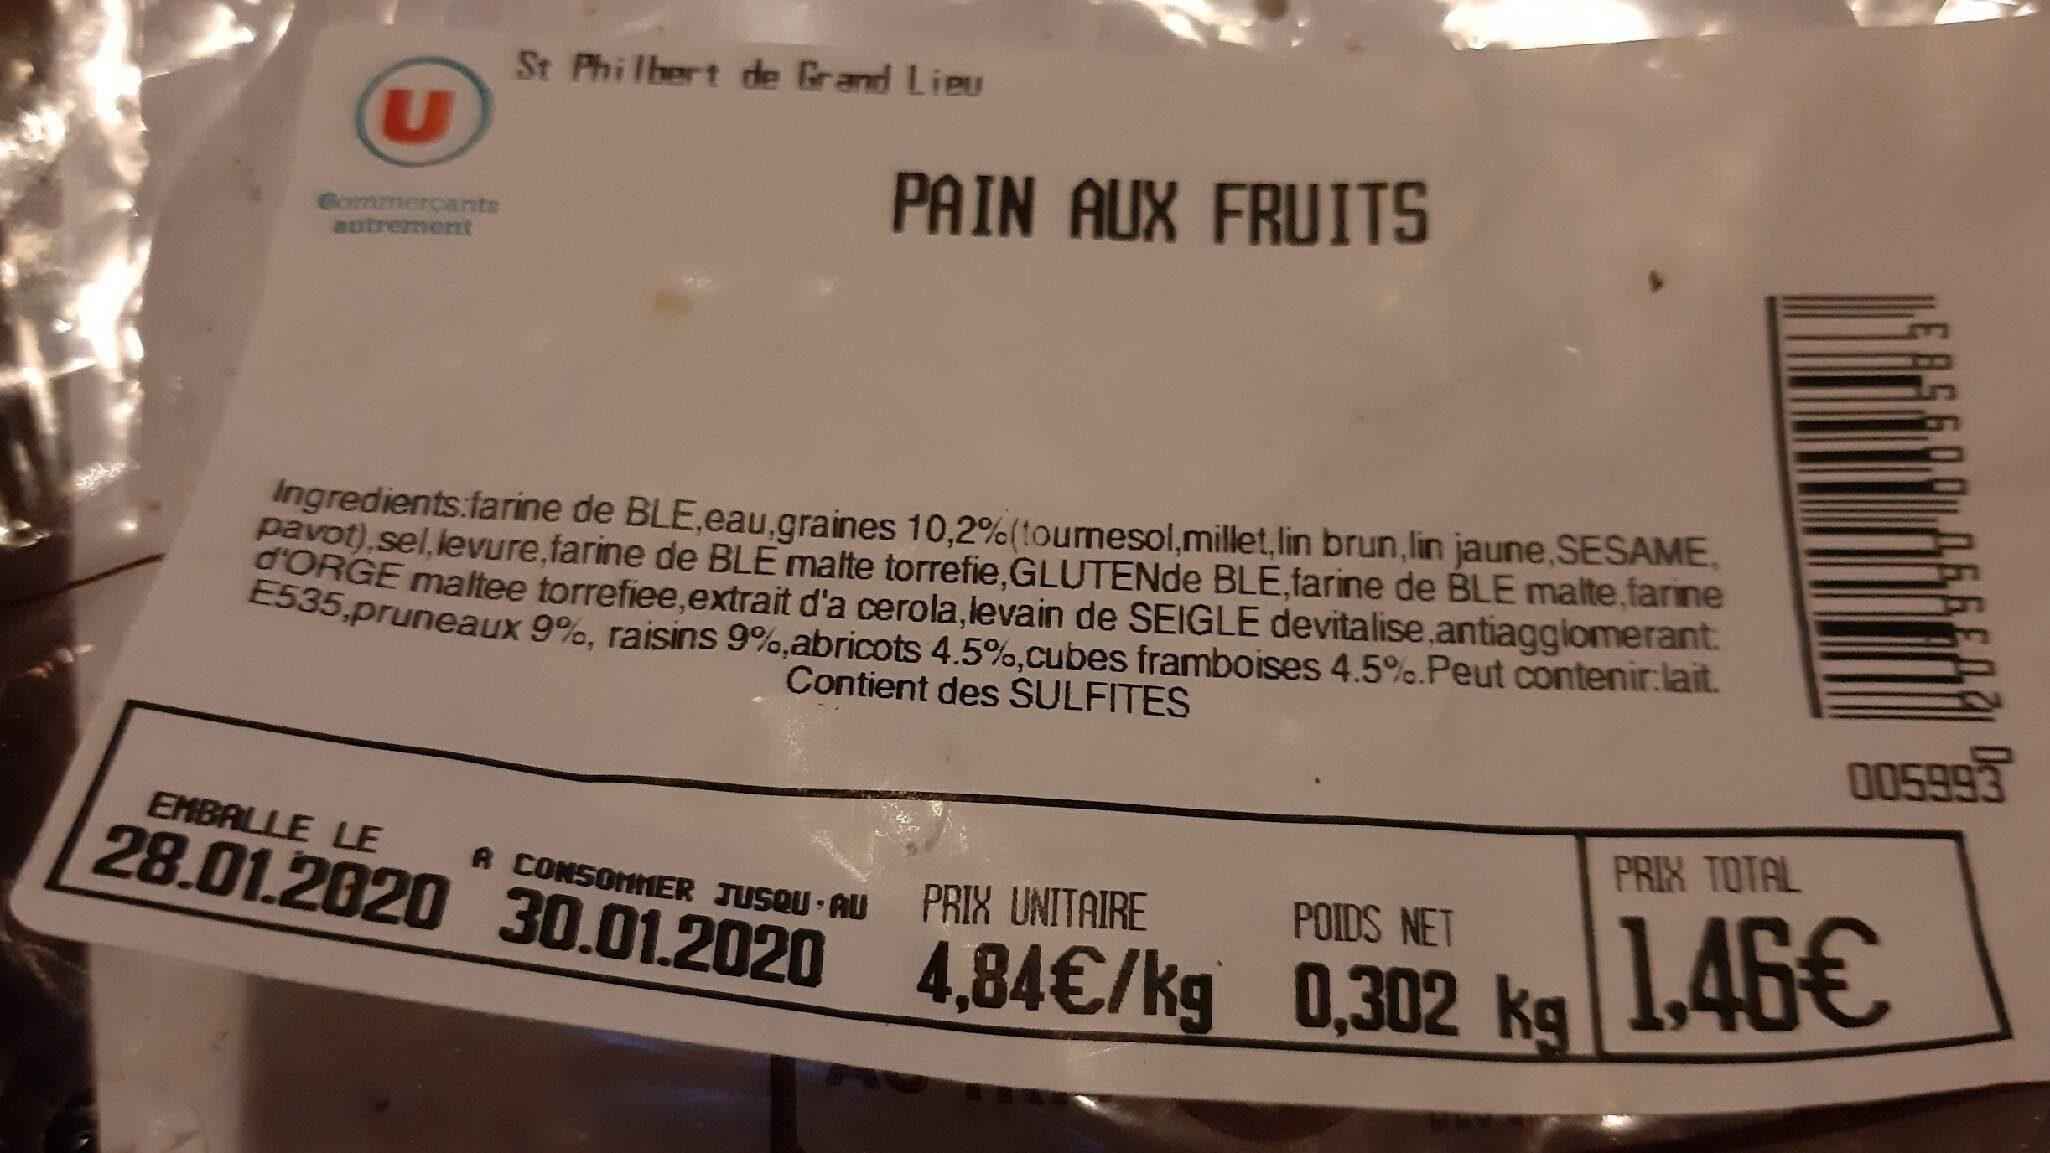 Pain aux fruits - Produit - fr